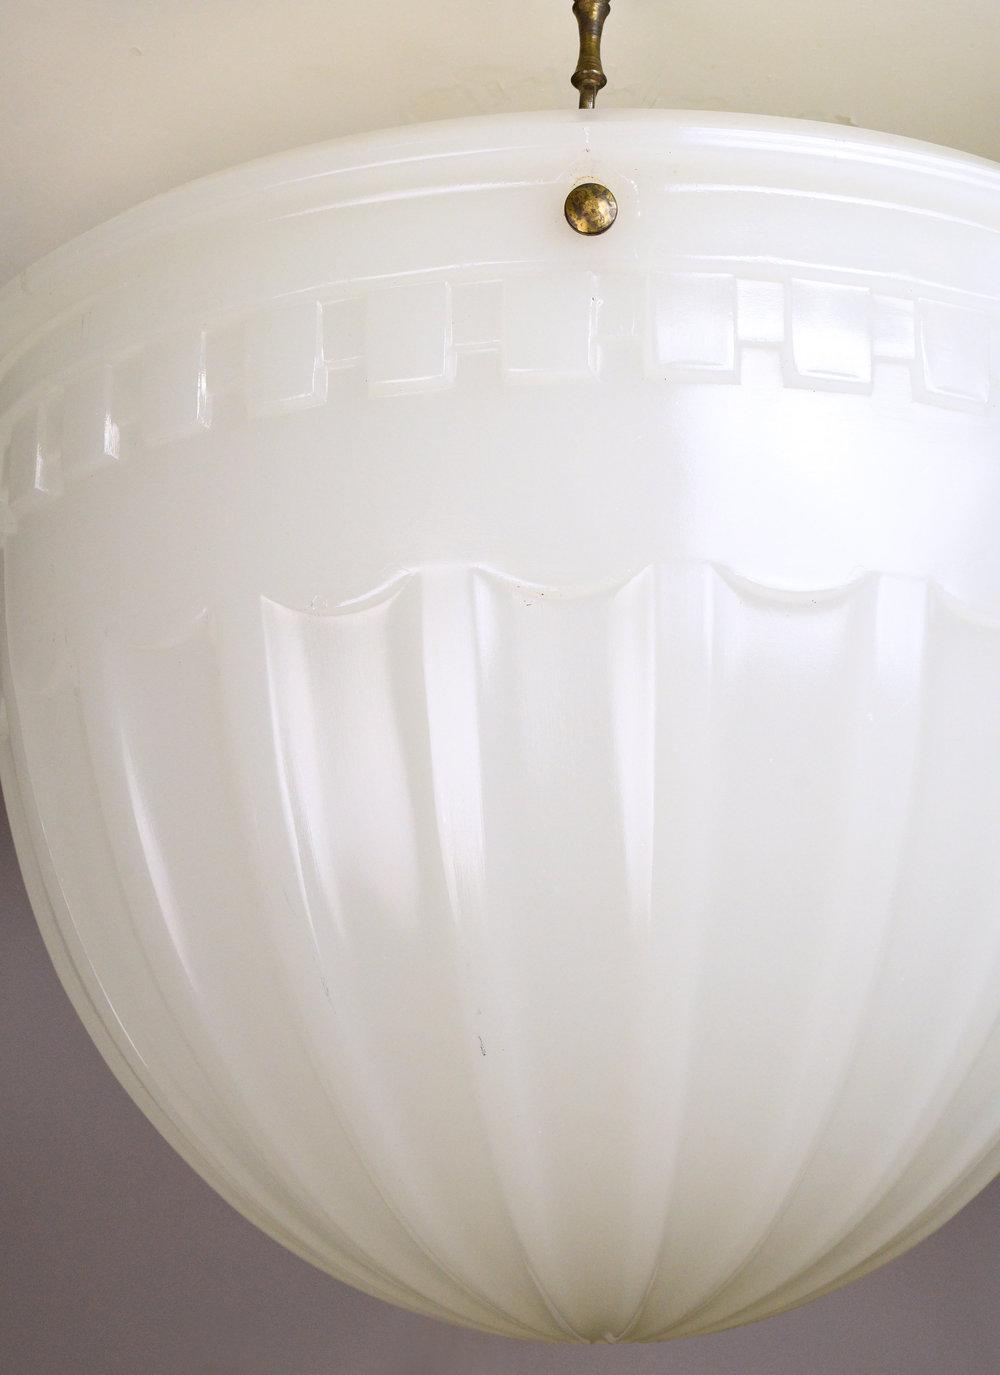 47886-brascolite-hanging-bowl-large.jpg